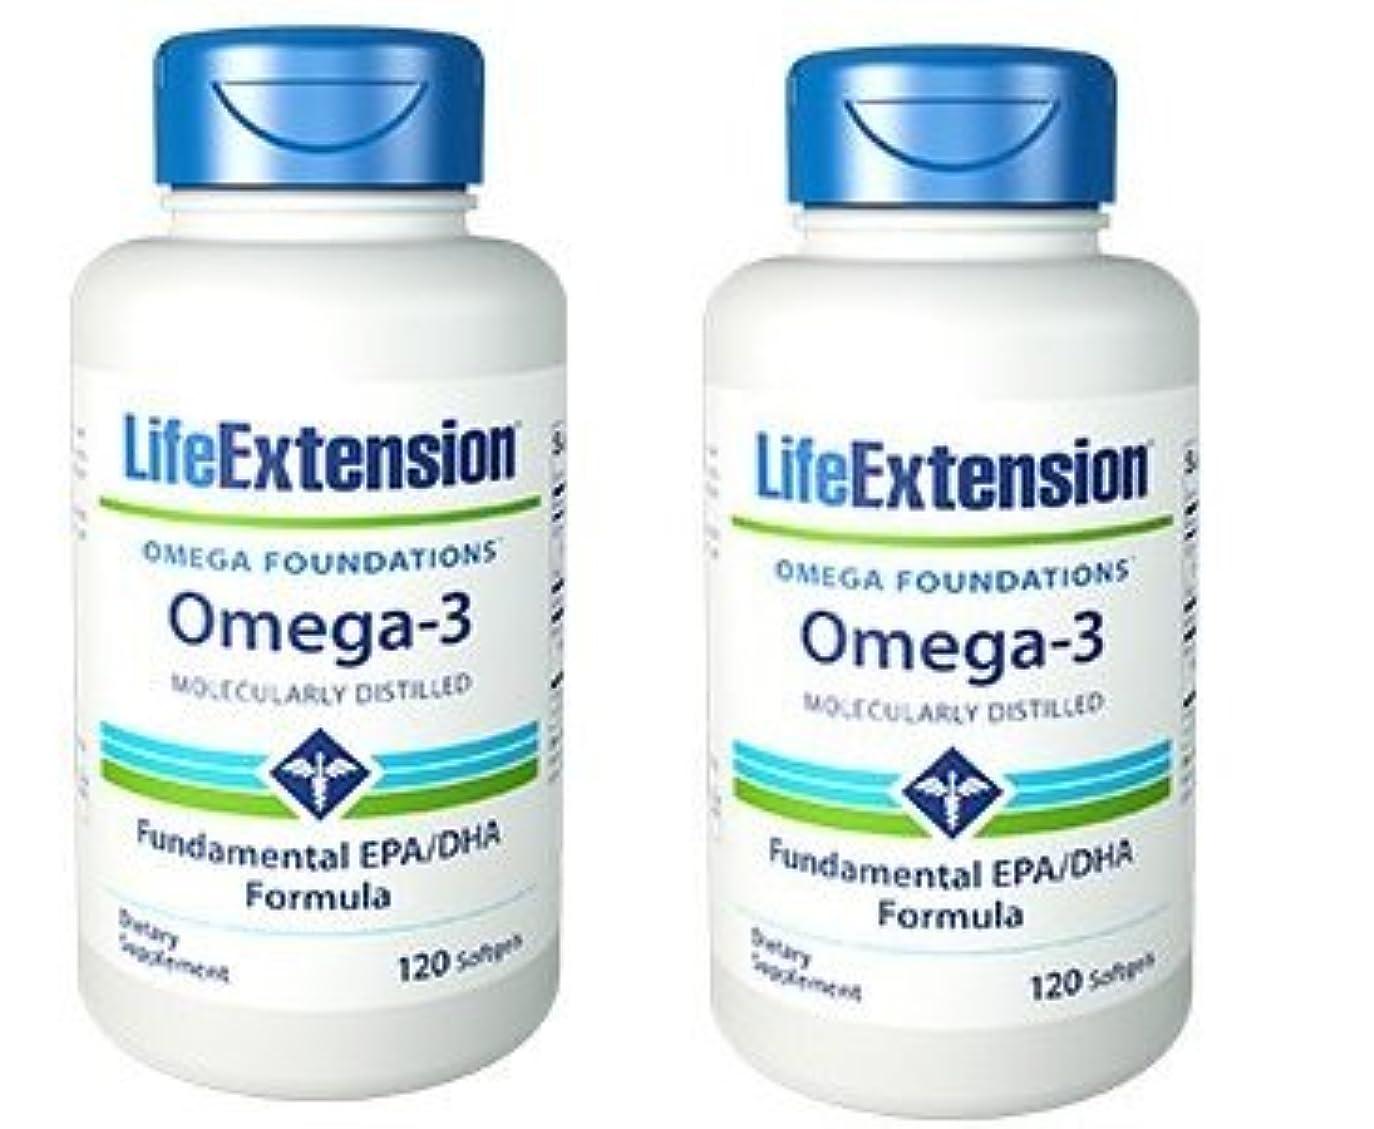 哺乳類海外原子炉【海外直送品】【2本セット】Life Extension - Omega-3 as many commercial fish oils 120 ソフトジェル